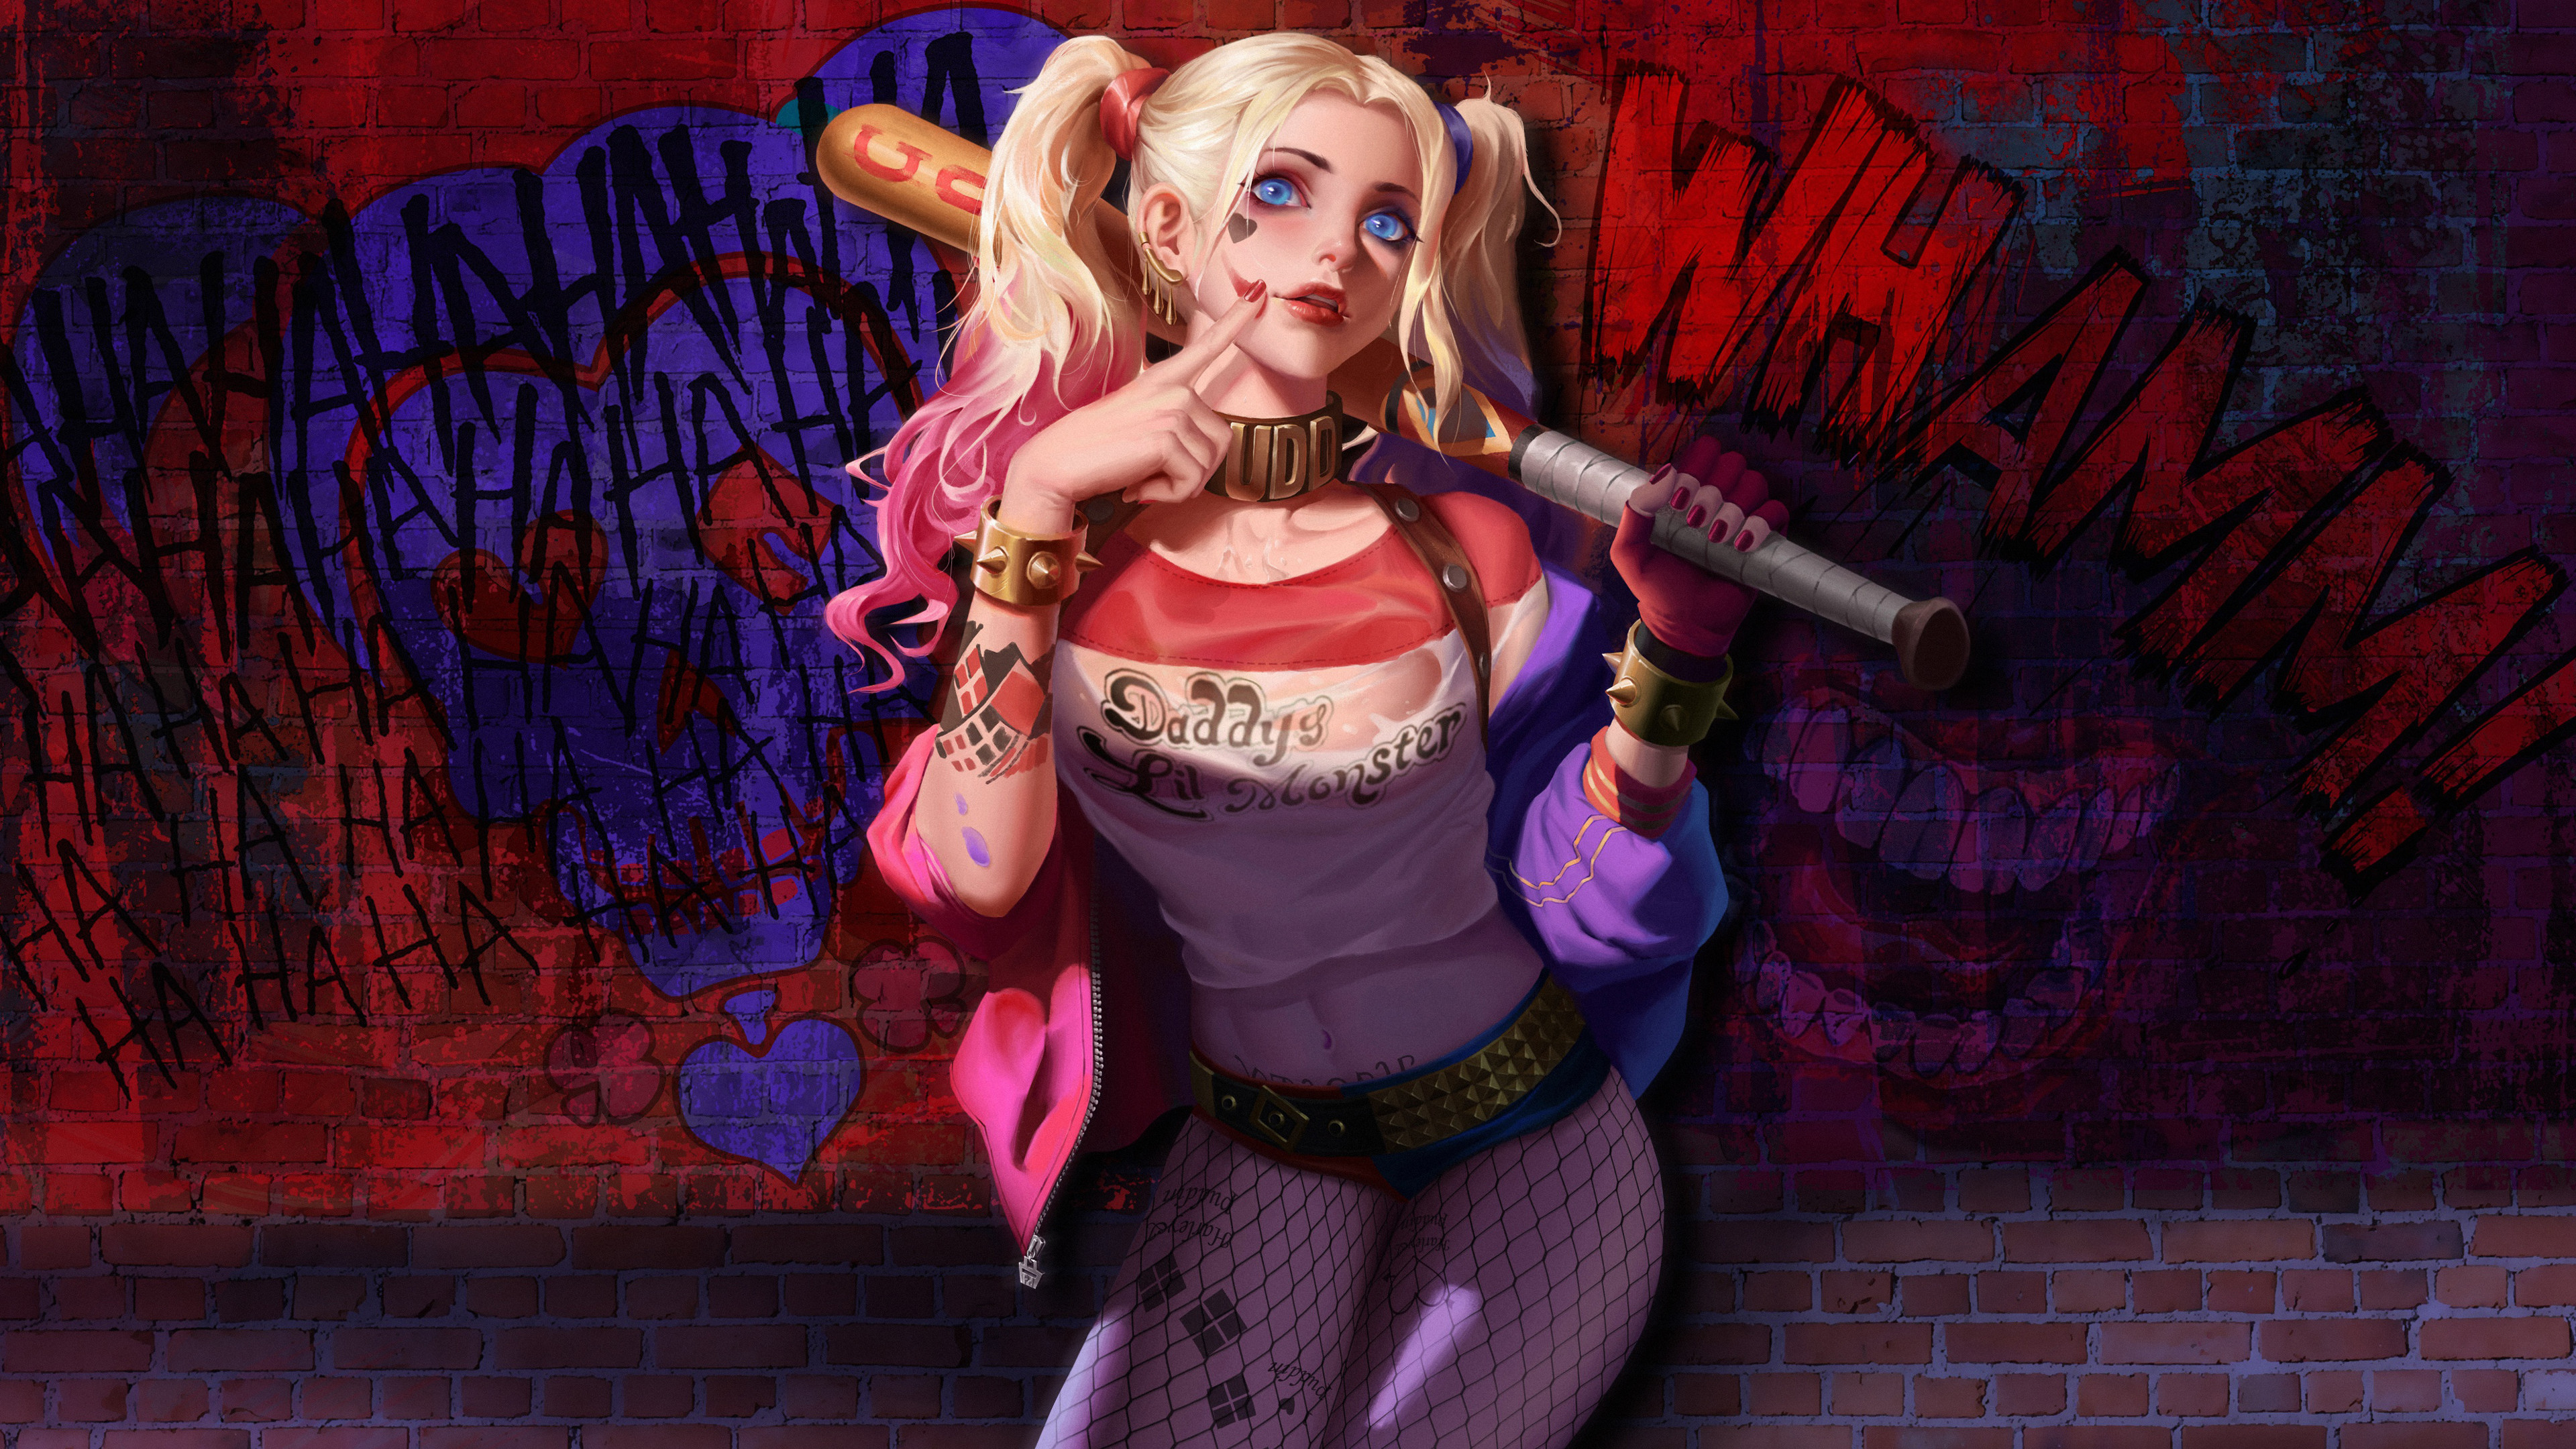 Artwork Harley Quinn 4k, HD Superheroes, 4k Wallpapers ...